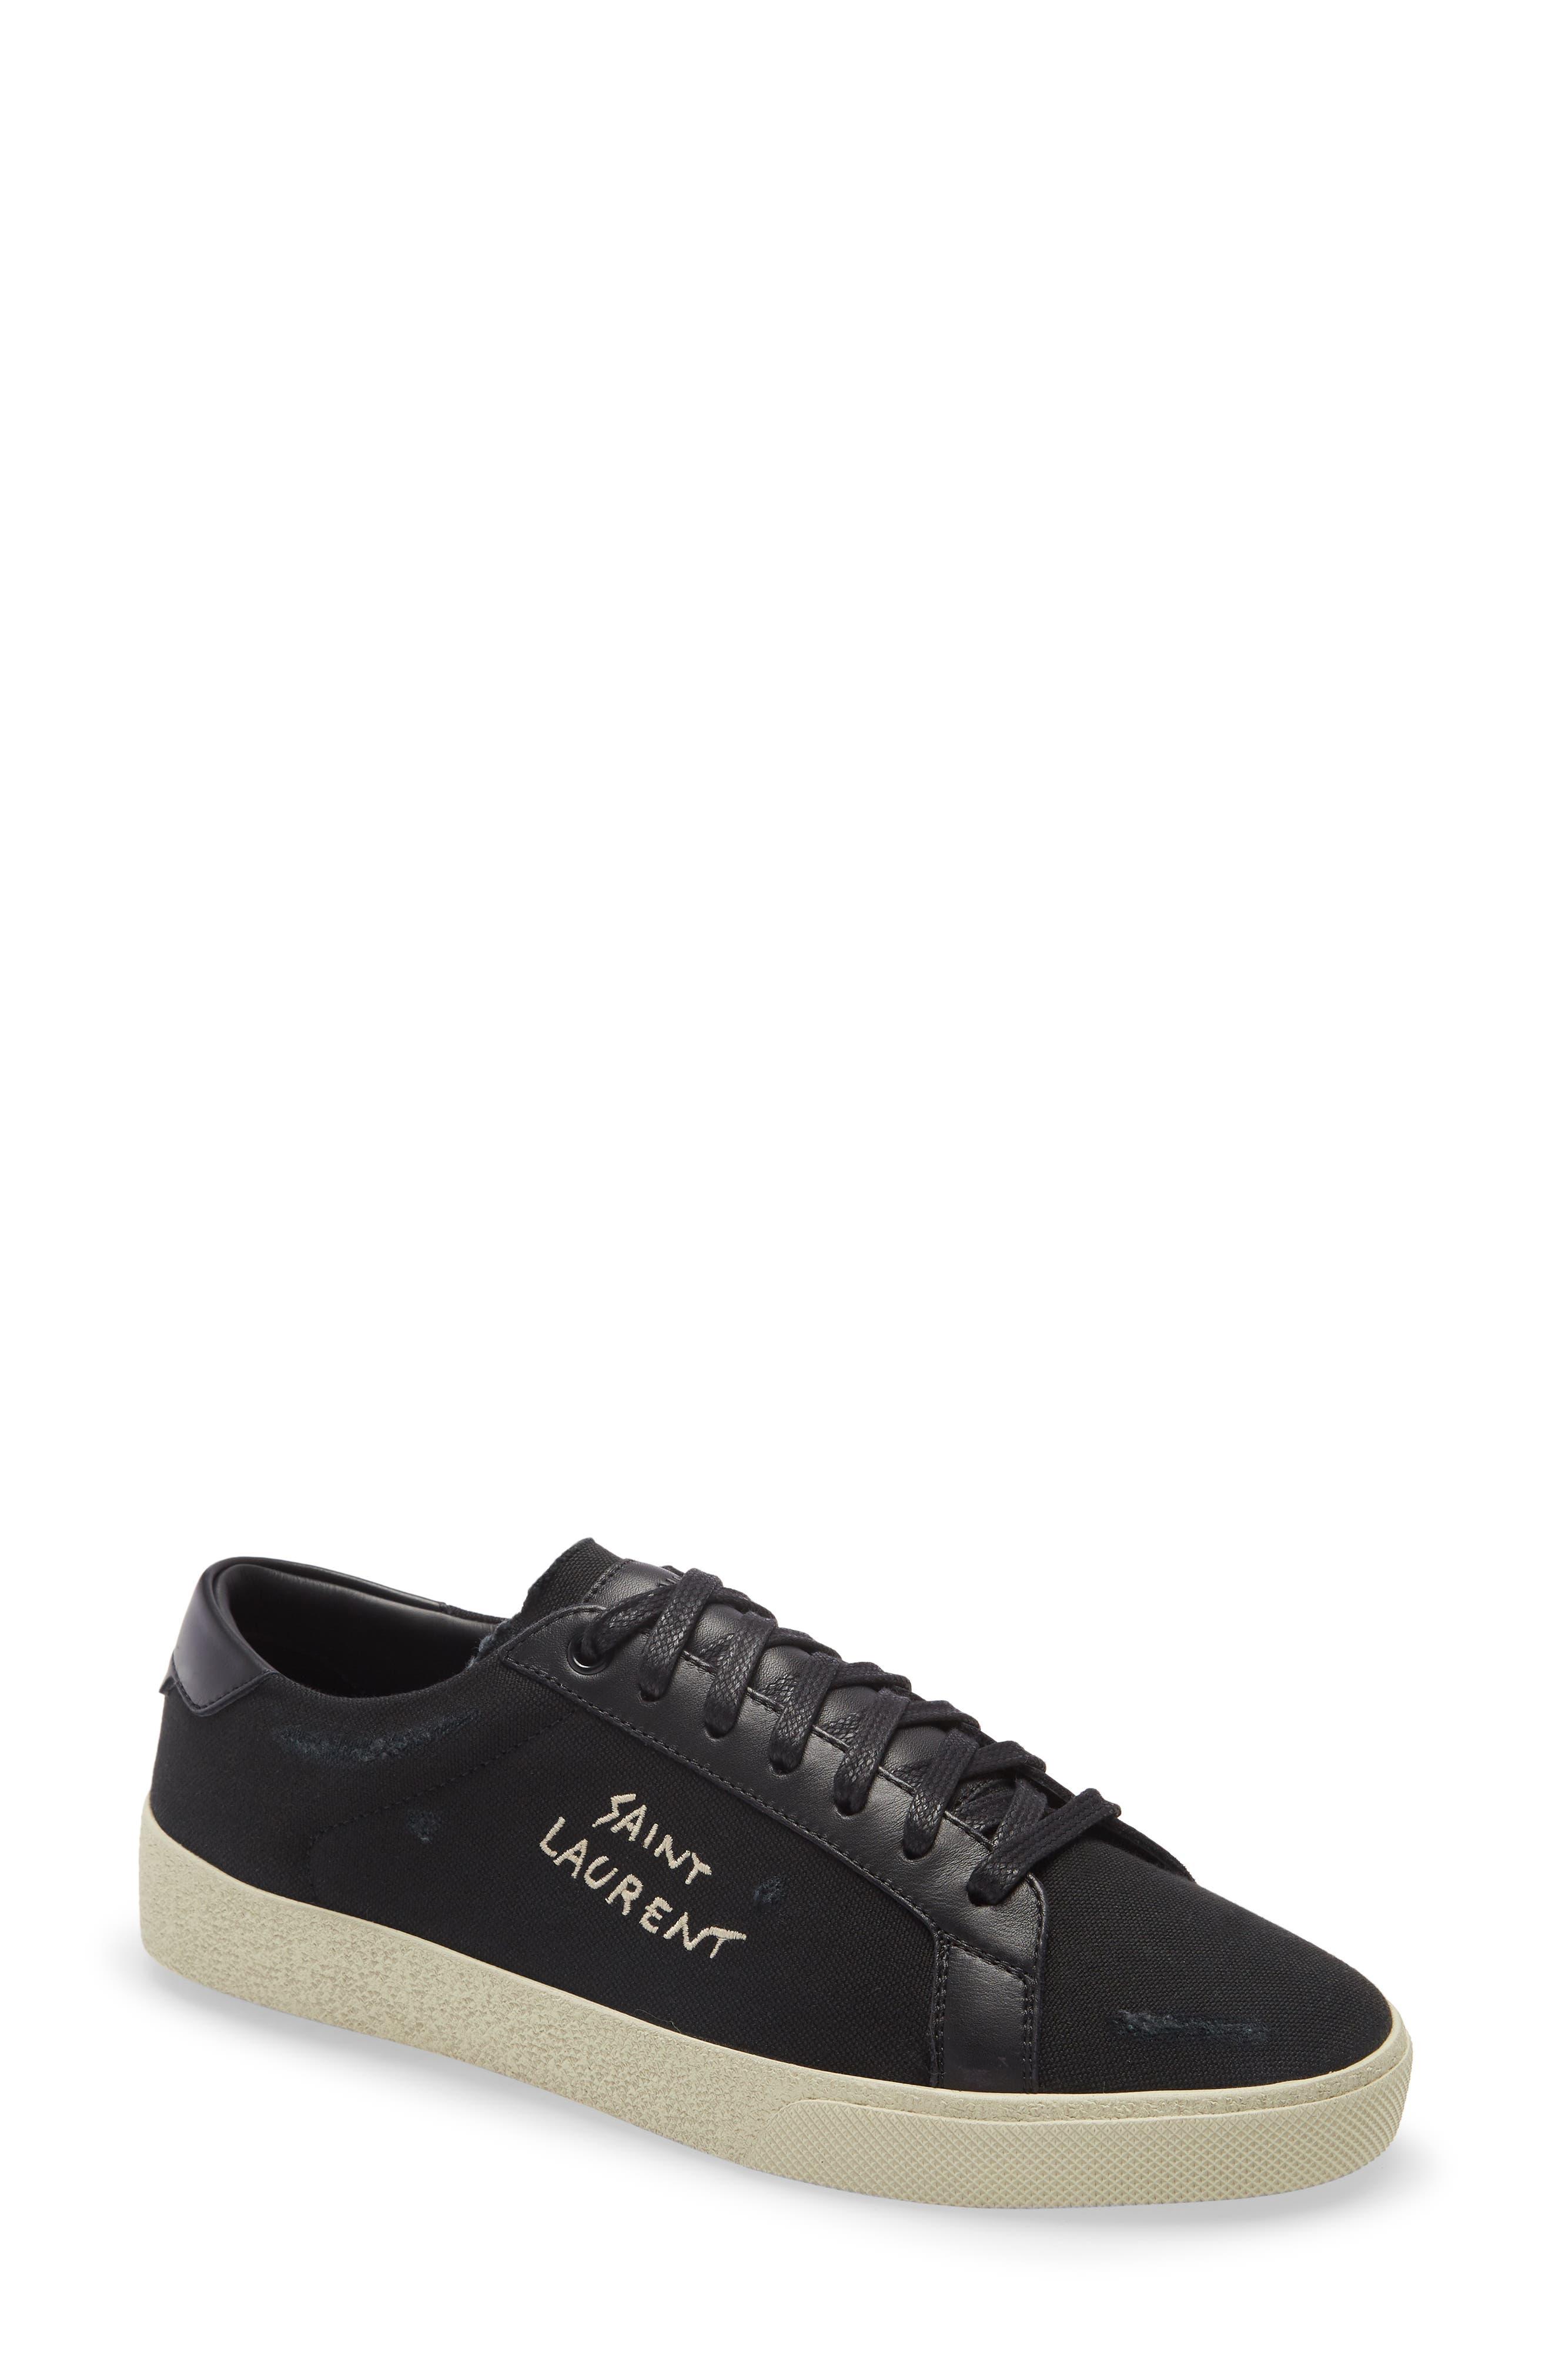 Men's Saint Laurent Shoes | Nordstrom